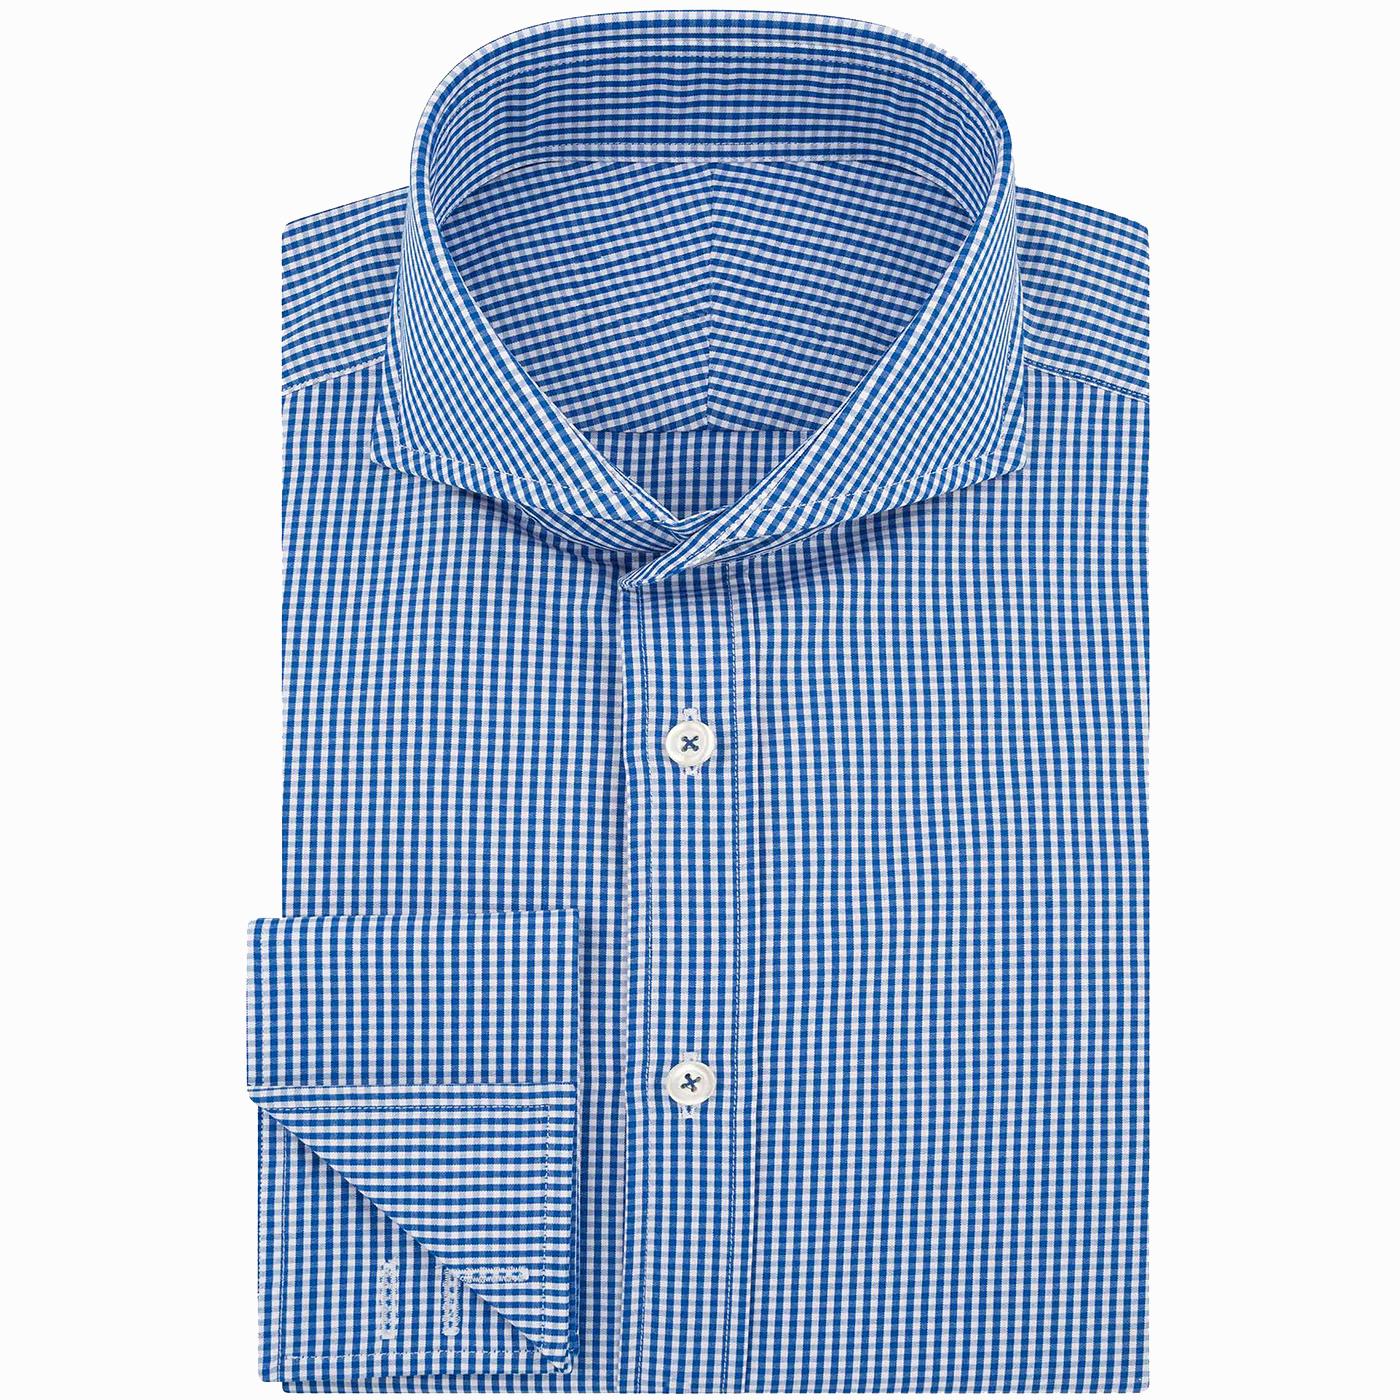 Shirt_25_Windsor-gingham_blue.jpg